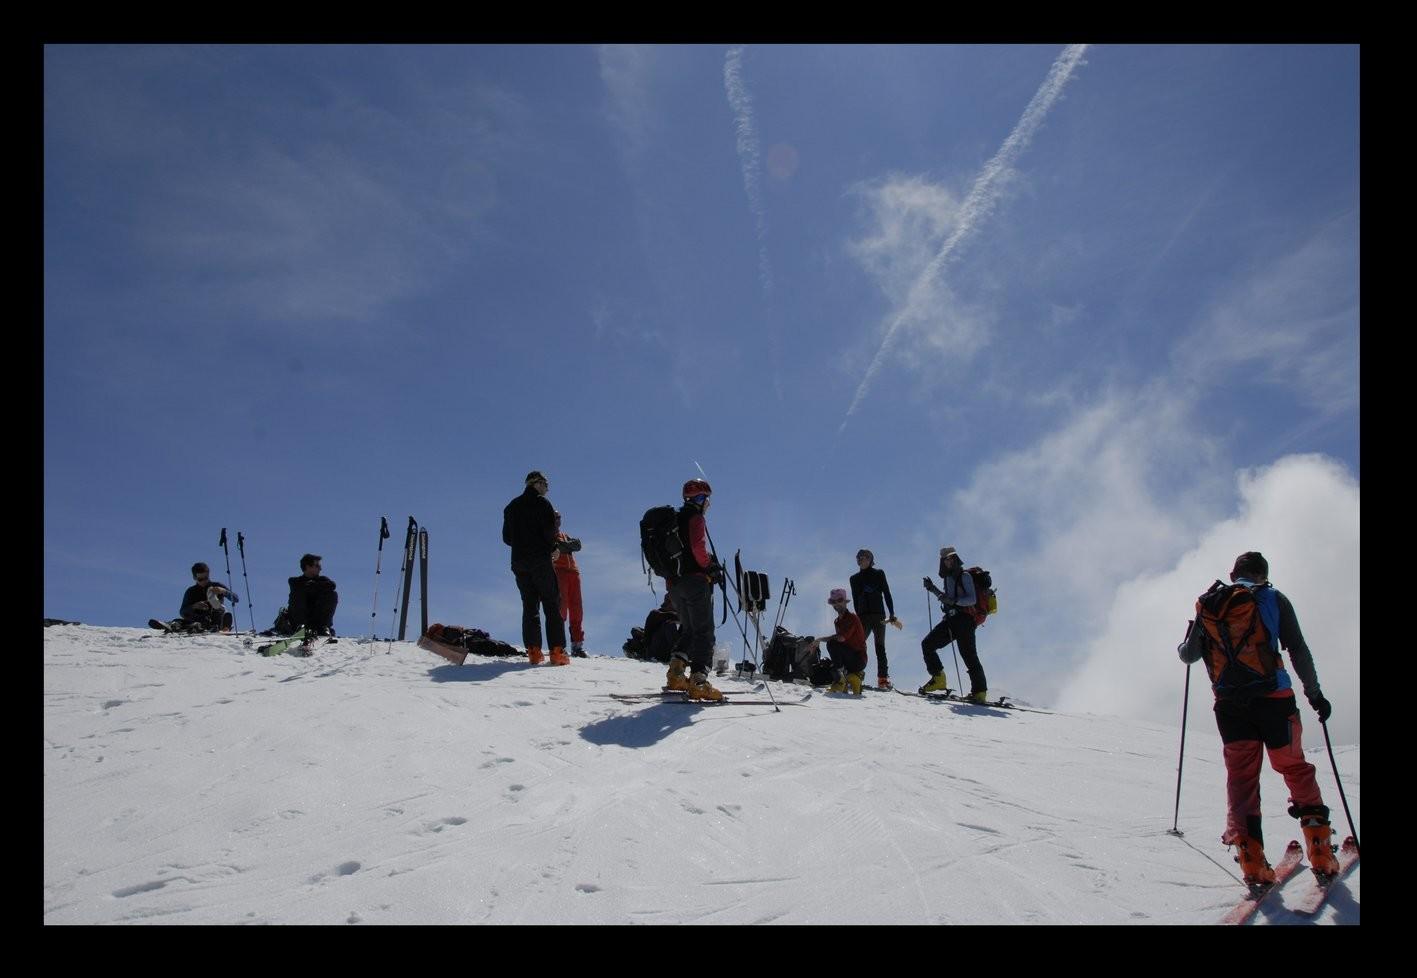 Et l'arrivée au sommet, presque frais et dispo !